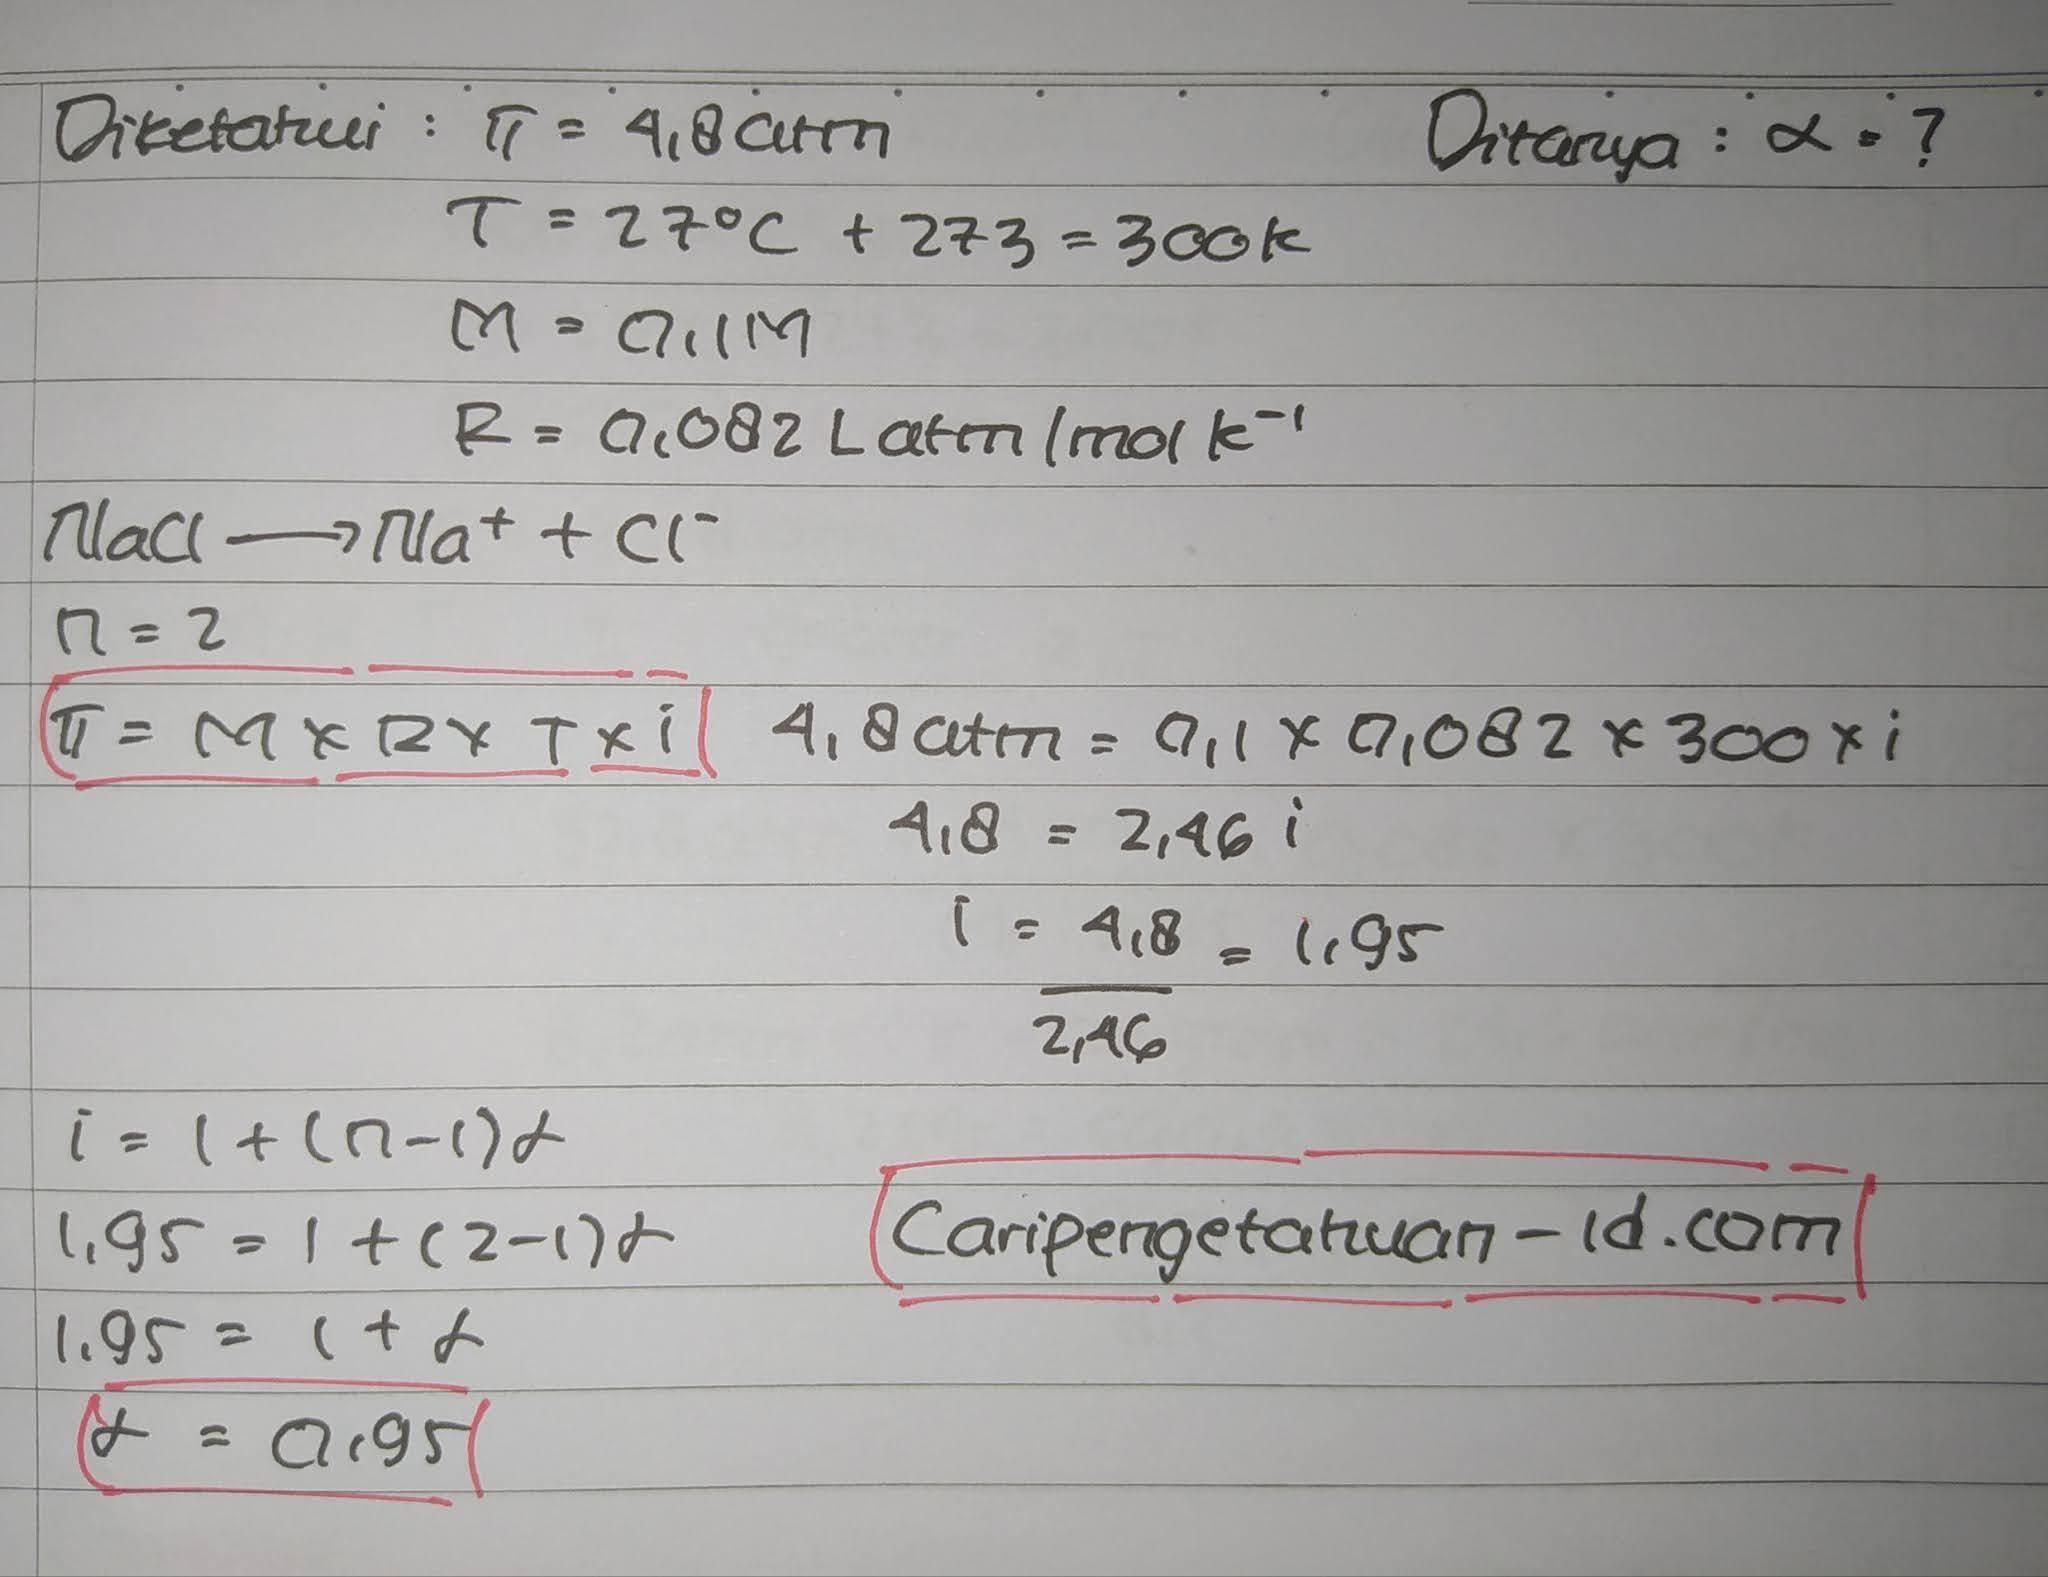 tekanan osmosis larutan NaCl 0,1 M pada suhu 27°C adalah 4,8 atm. Maka persentase derajat ionisasi larutan tersebut adalah